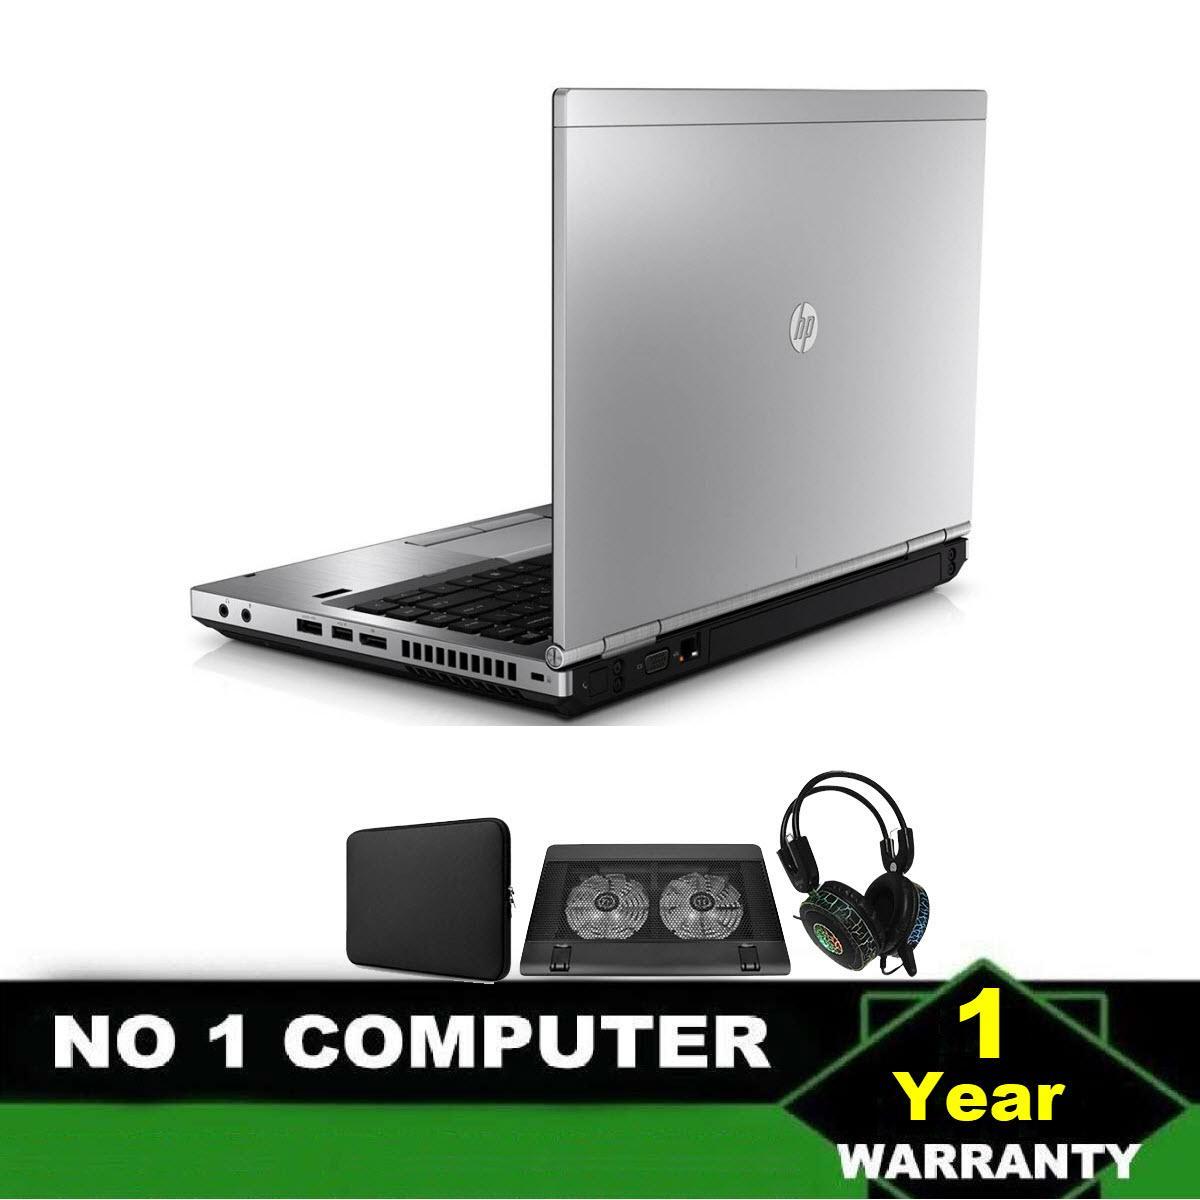 Laptop HP EliteBook 2560p Chạy CPU i5-2520M, 12.5inch, 8GB, SSD 240GB + Bộ Quà Tặng - Hàng Nhập Khẩu